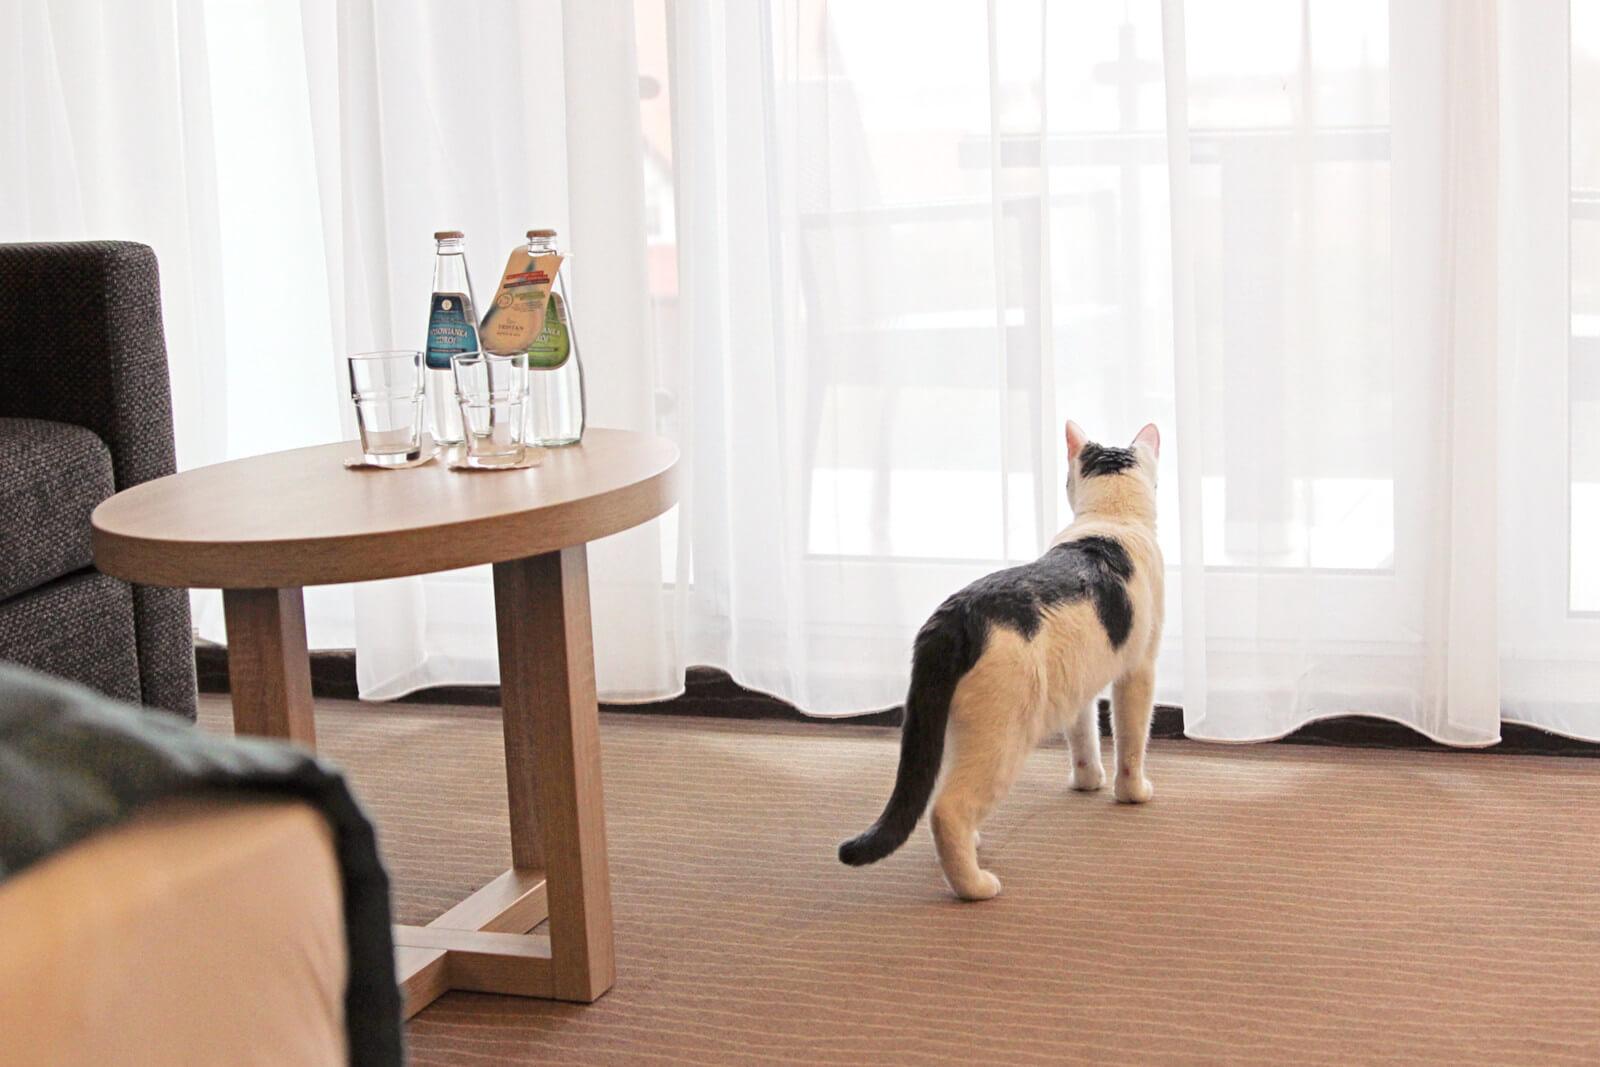 Hotel w którym akceptowane są koty